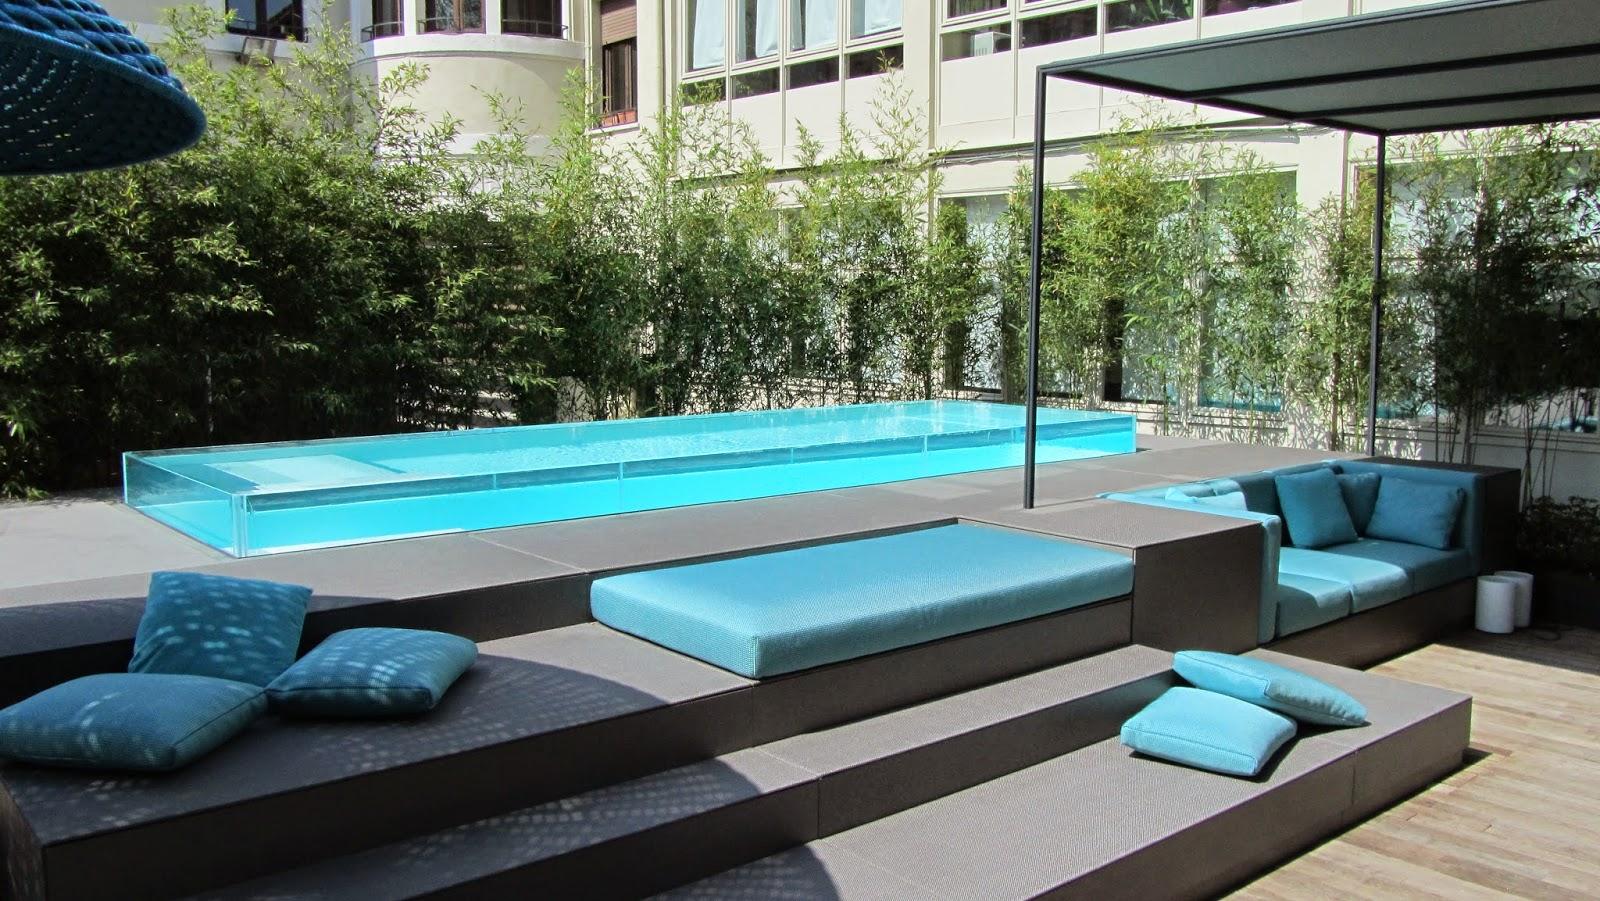 Iniziato il fuorisalone 2014 piscine laghetto news blog - Piscina sopra terra ...